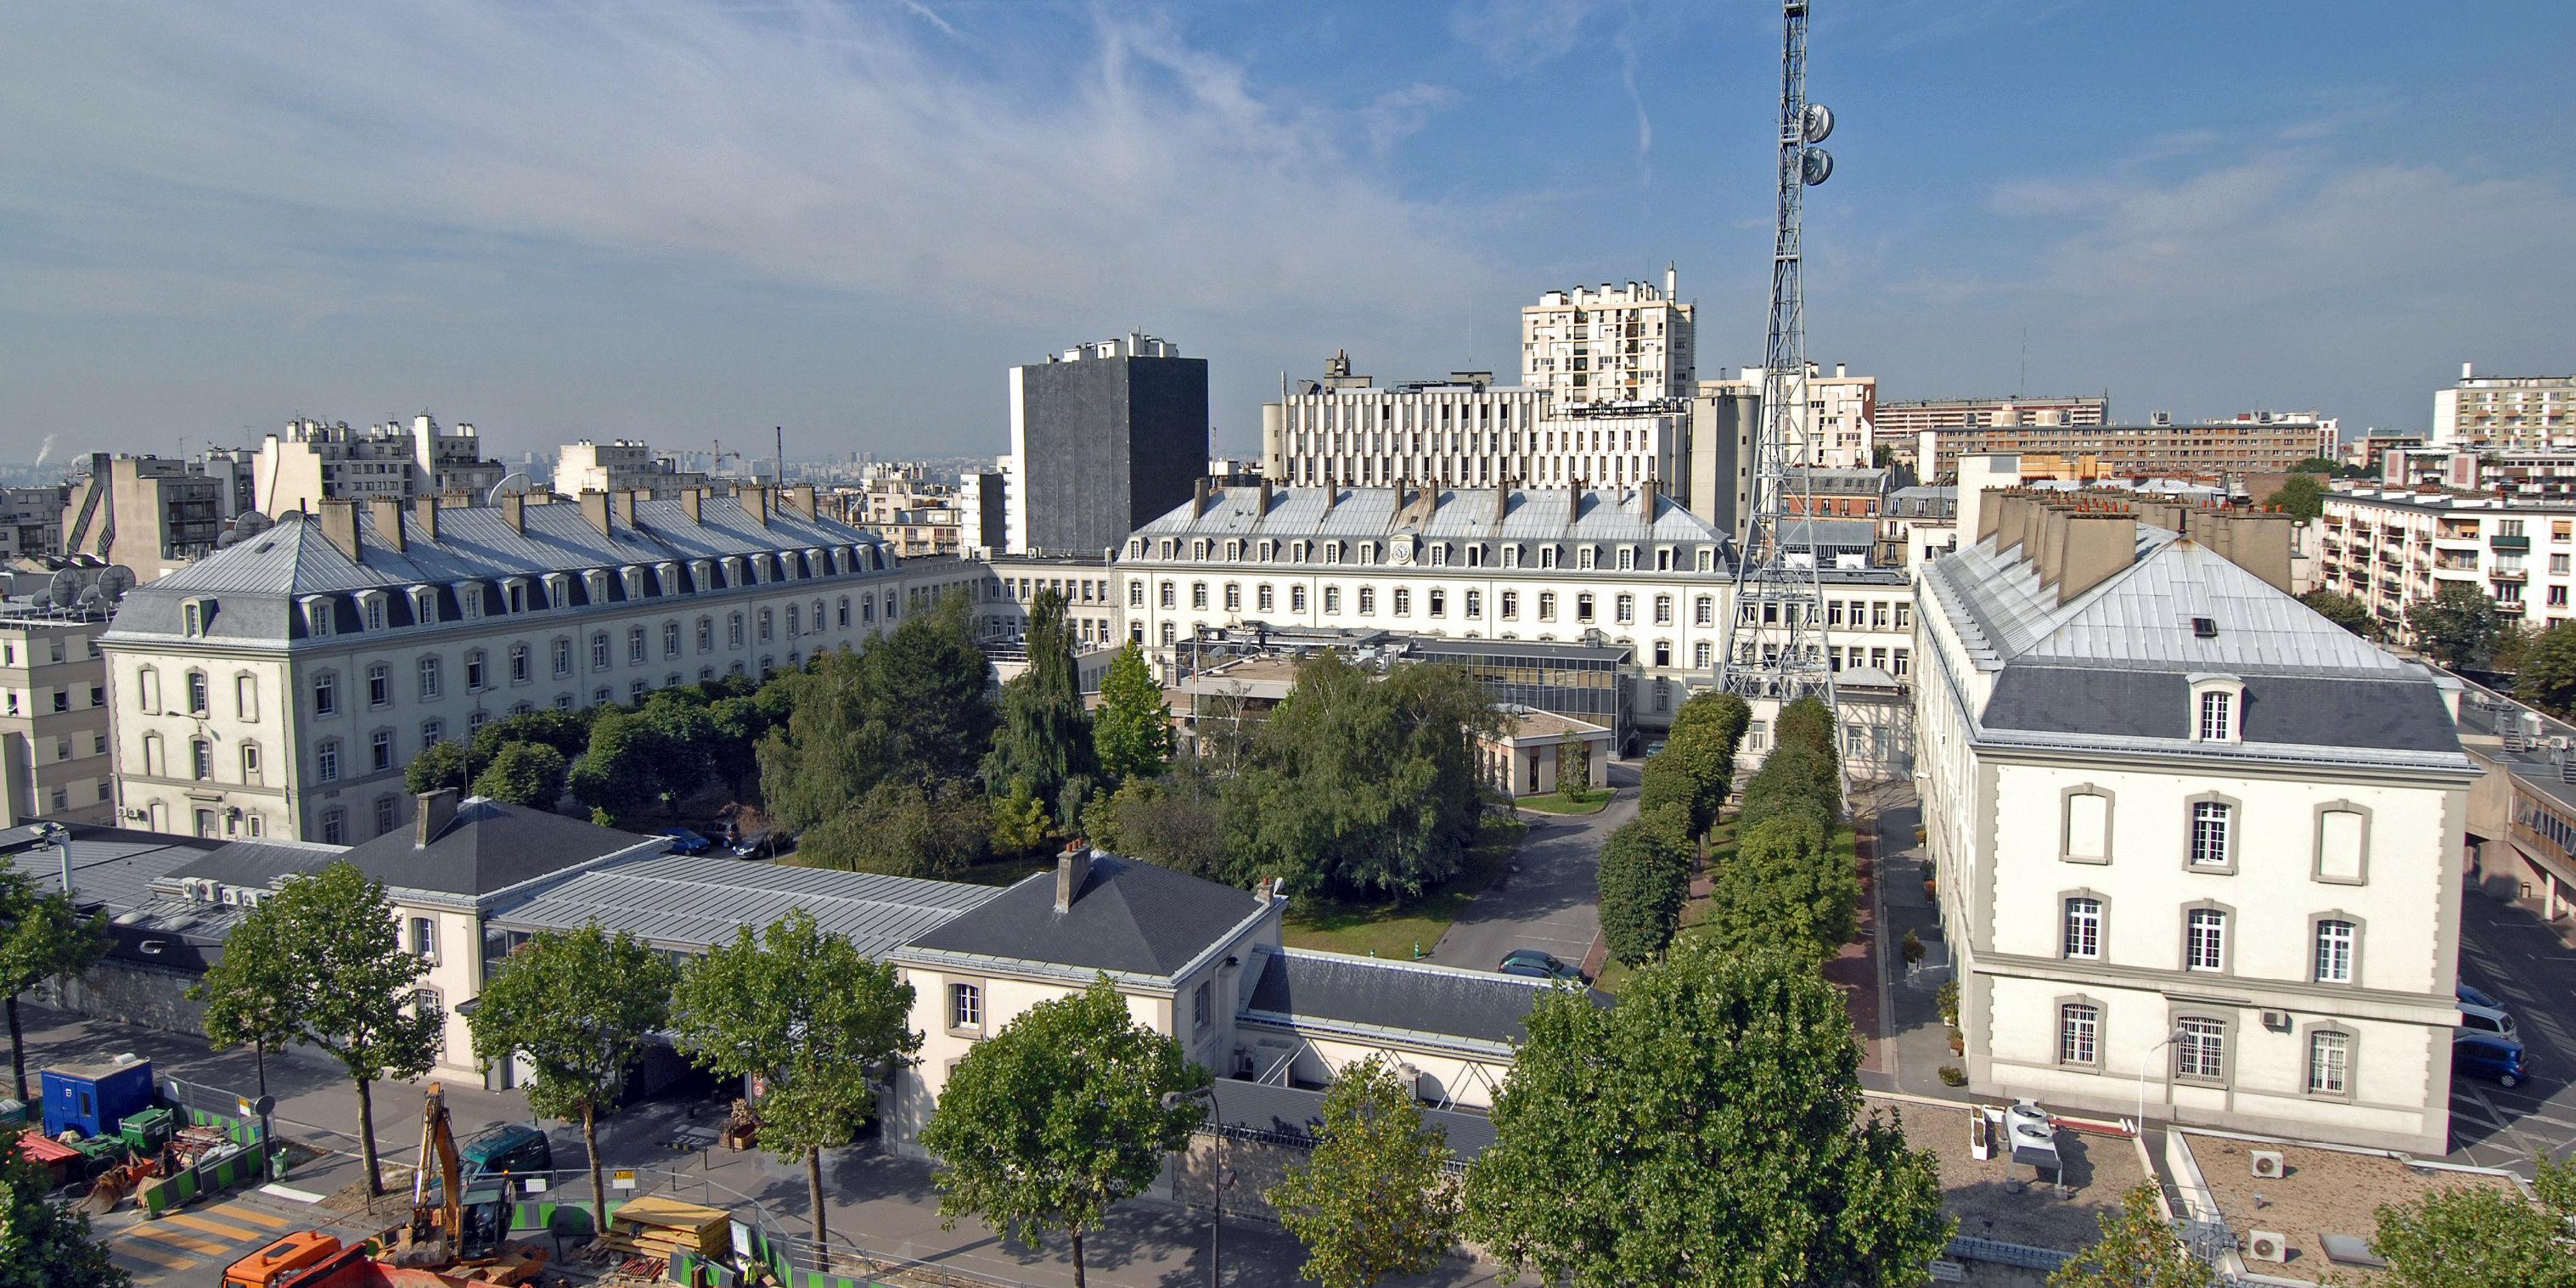 Ex capo delle spie francesi 39 confessa 39 gli errori in siria for Direction generale de la securite exterieur